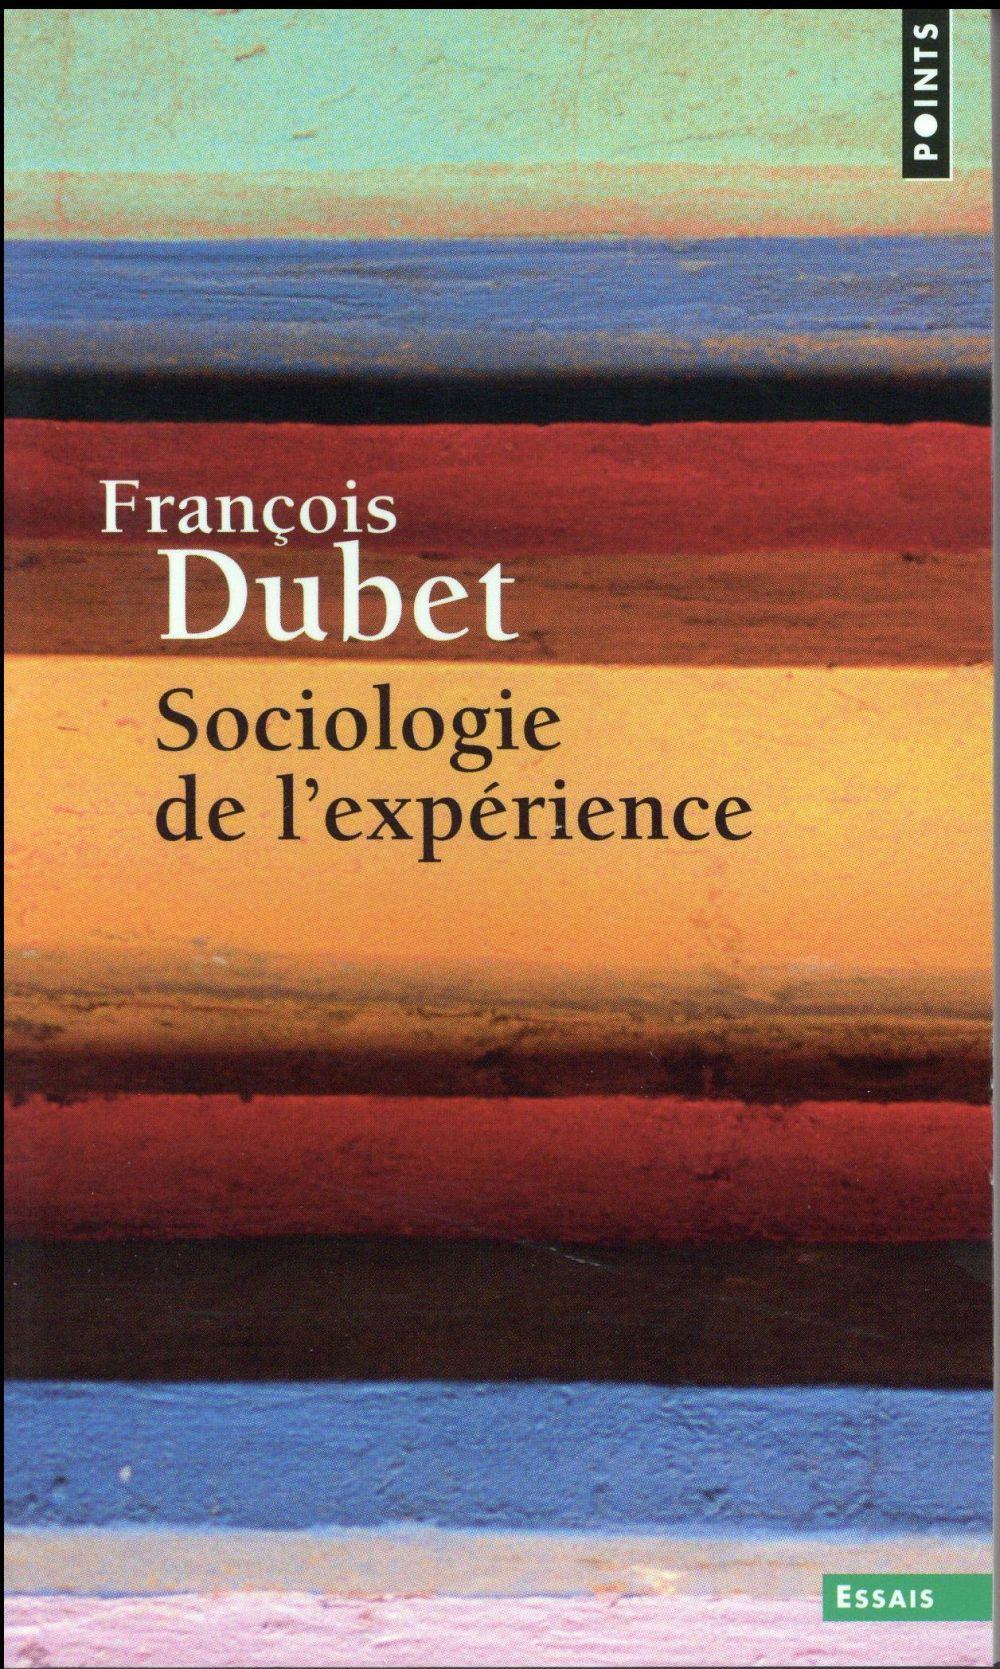 SOCIOLOGIE DE L'EXPERIENCE DUBET FRANCOIS Points